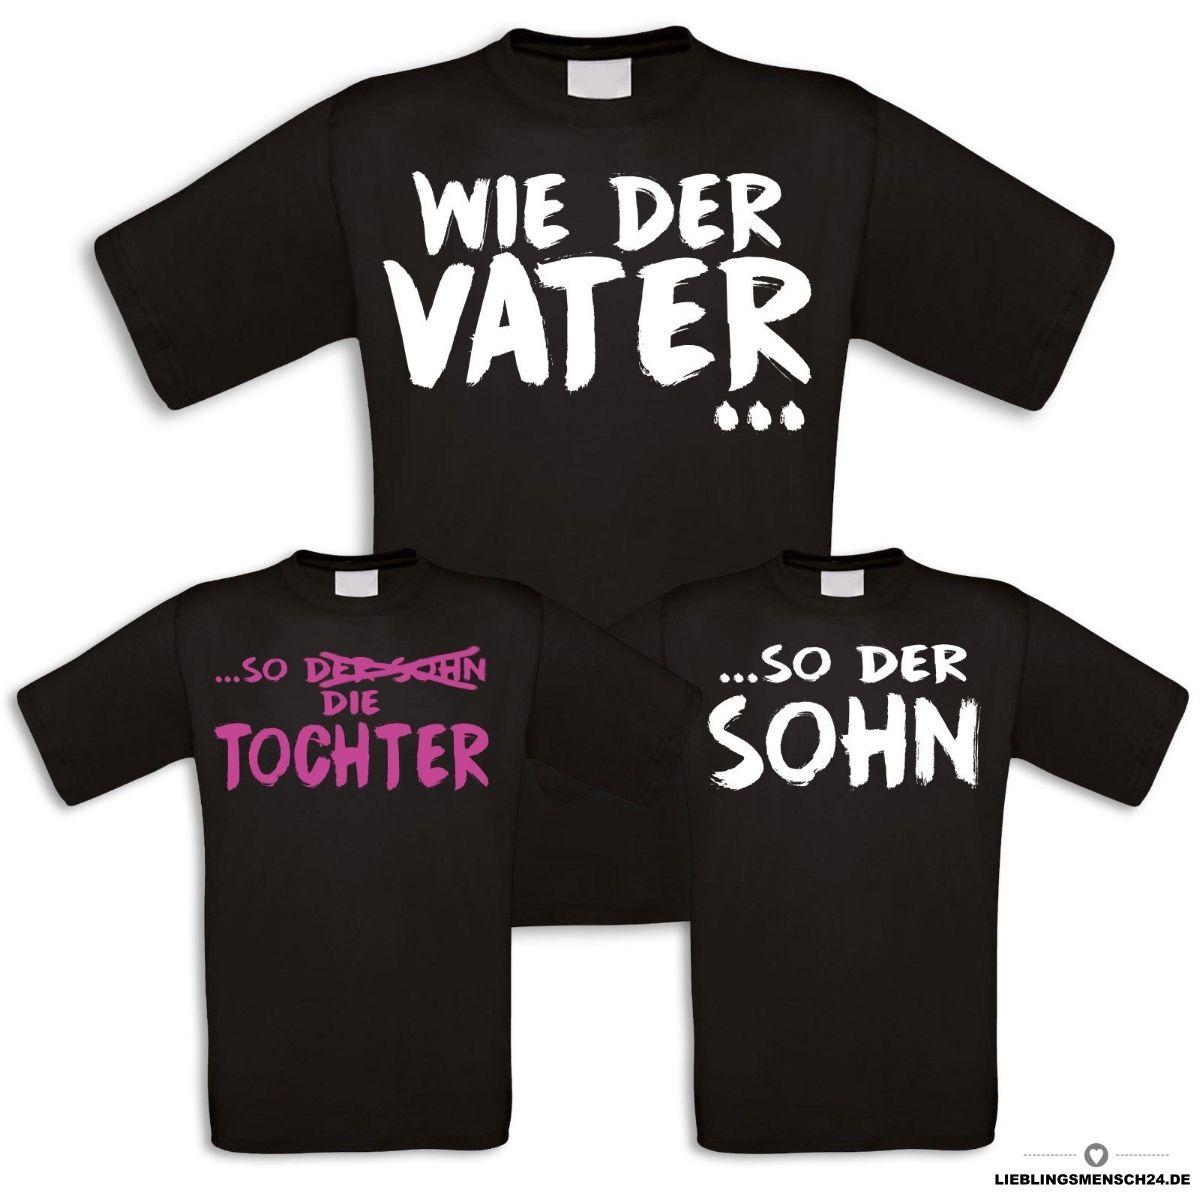 T Shirt Spruche Fur Papa Und Tochter Zitate Papa Tochter Stolzer Papa Spruche Papa Kind Spruche P Shirt Spruche T Shirt Spruche Freunde T Shirt